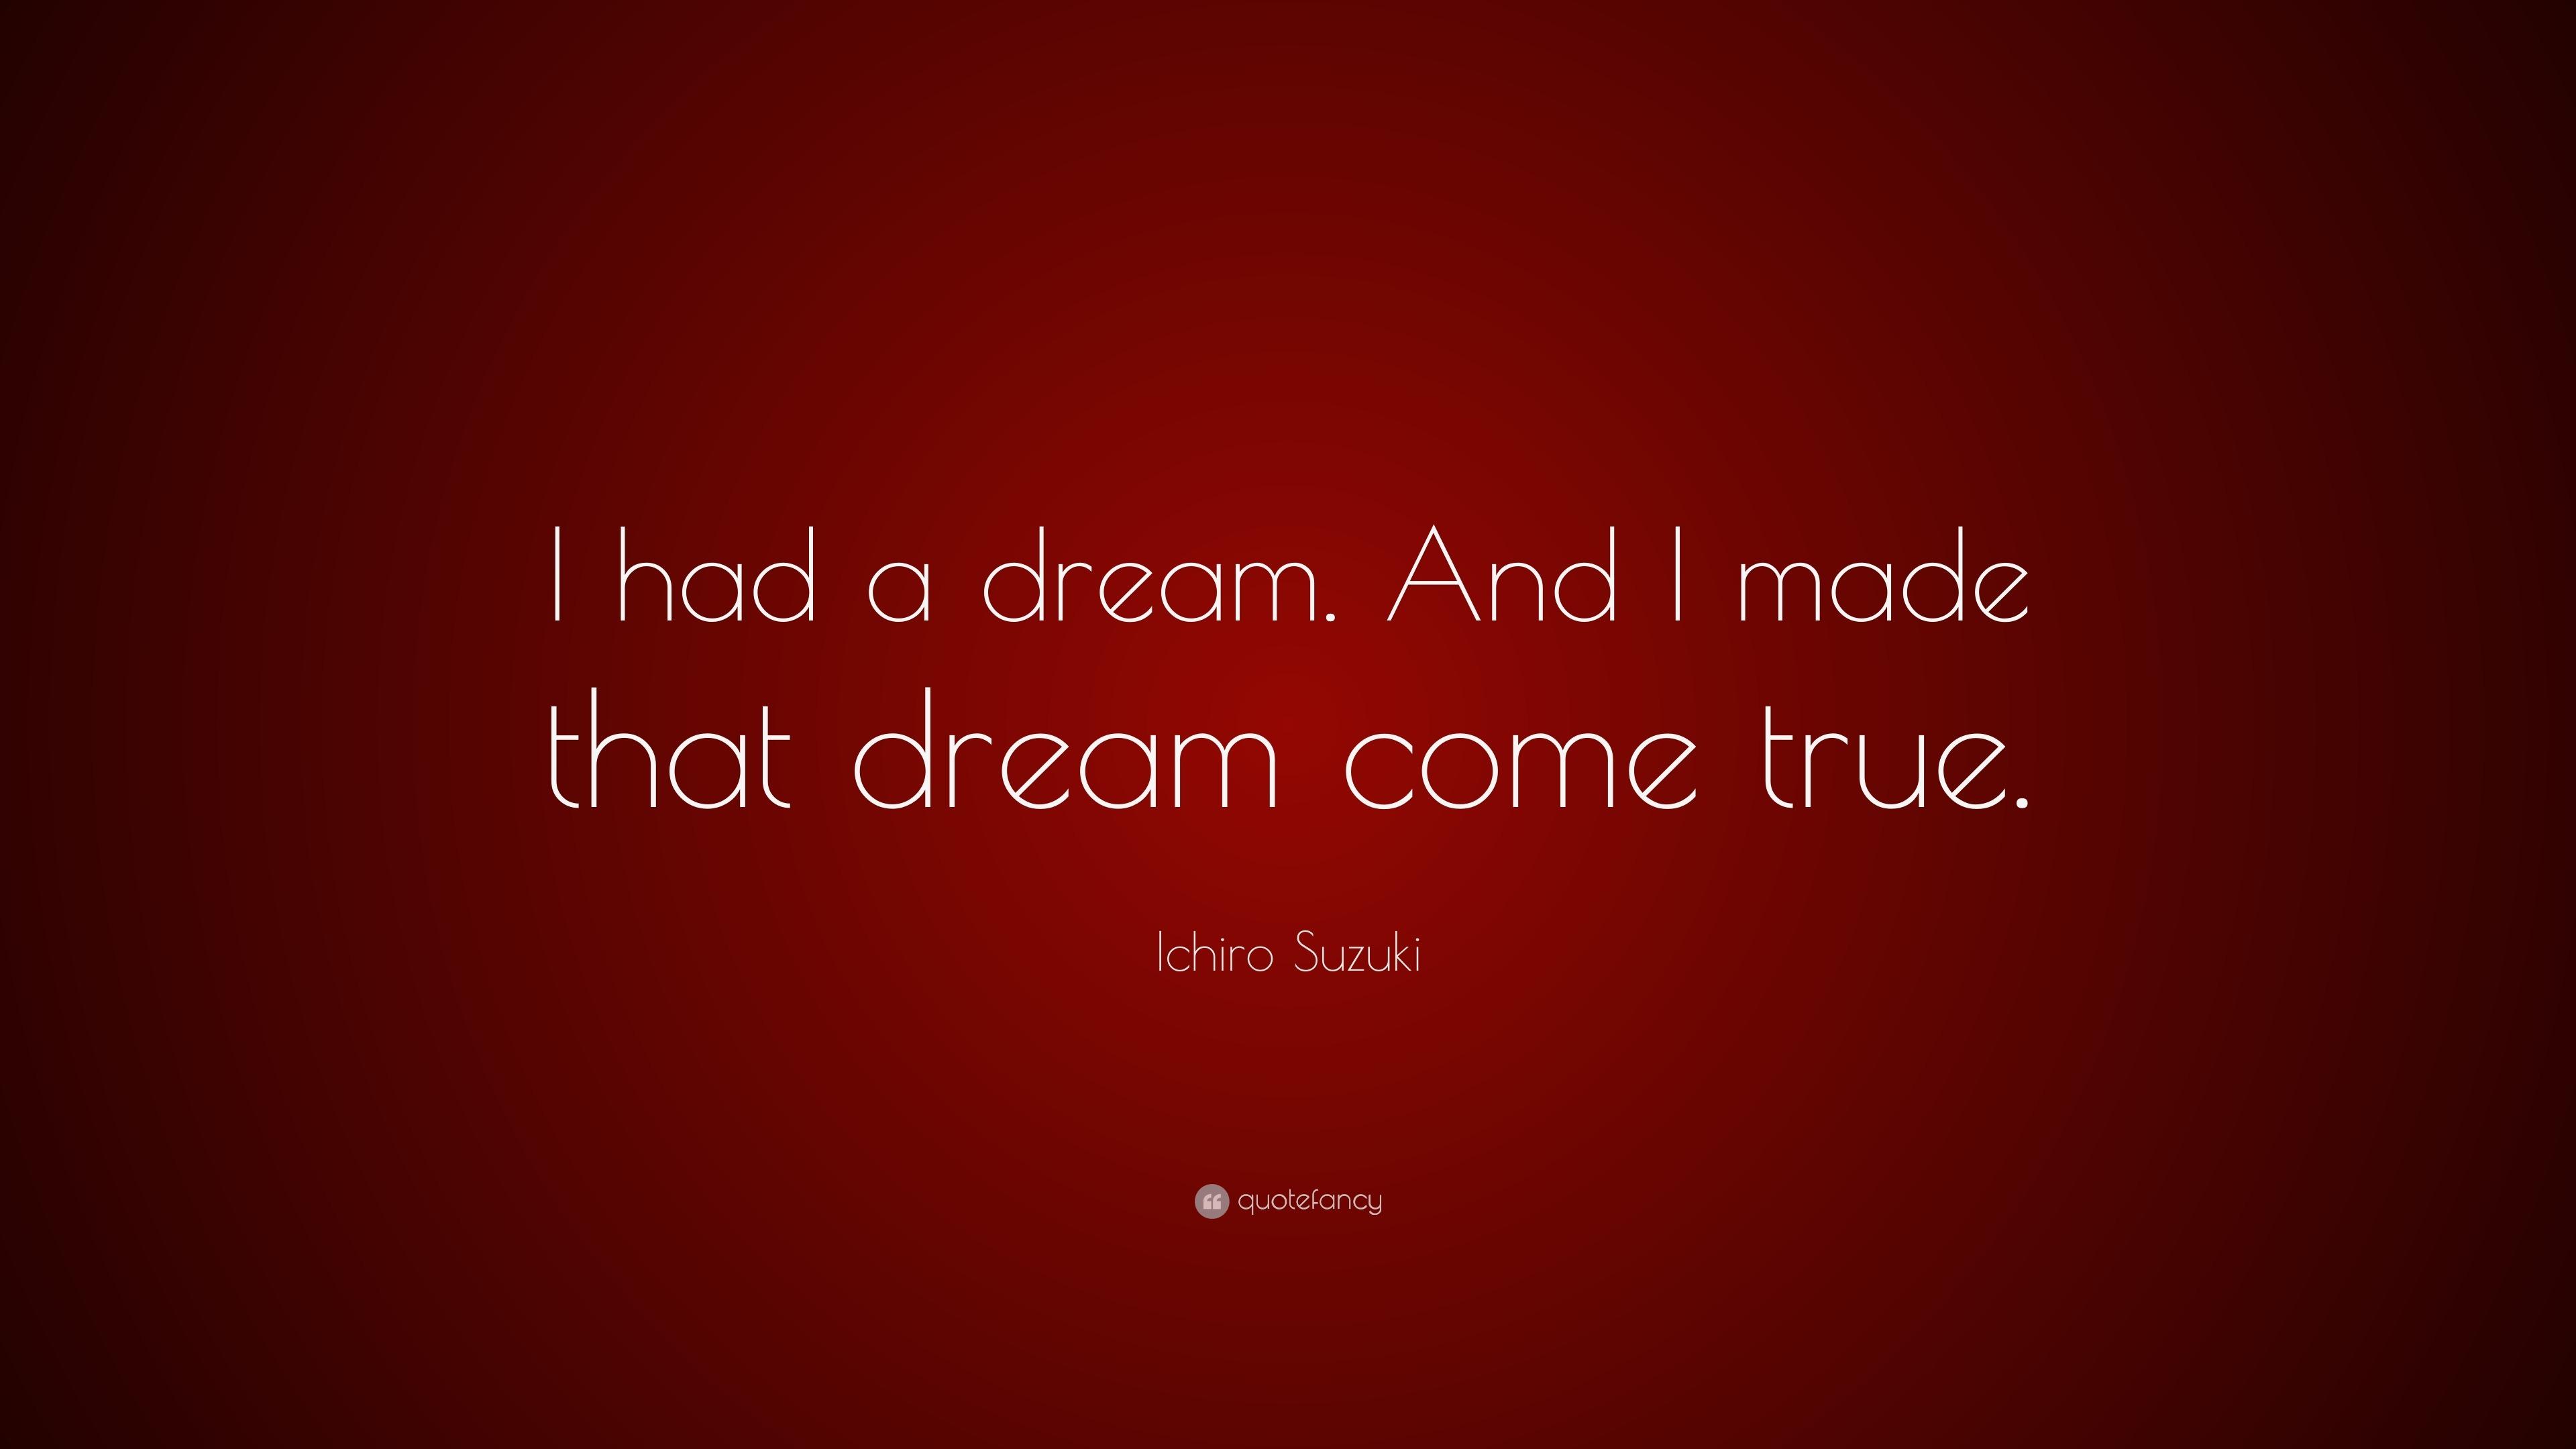 Ichiro Suzuki Quotes 22 Wallpapers